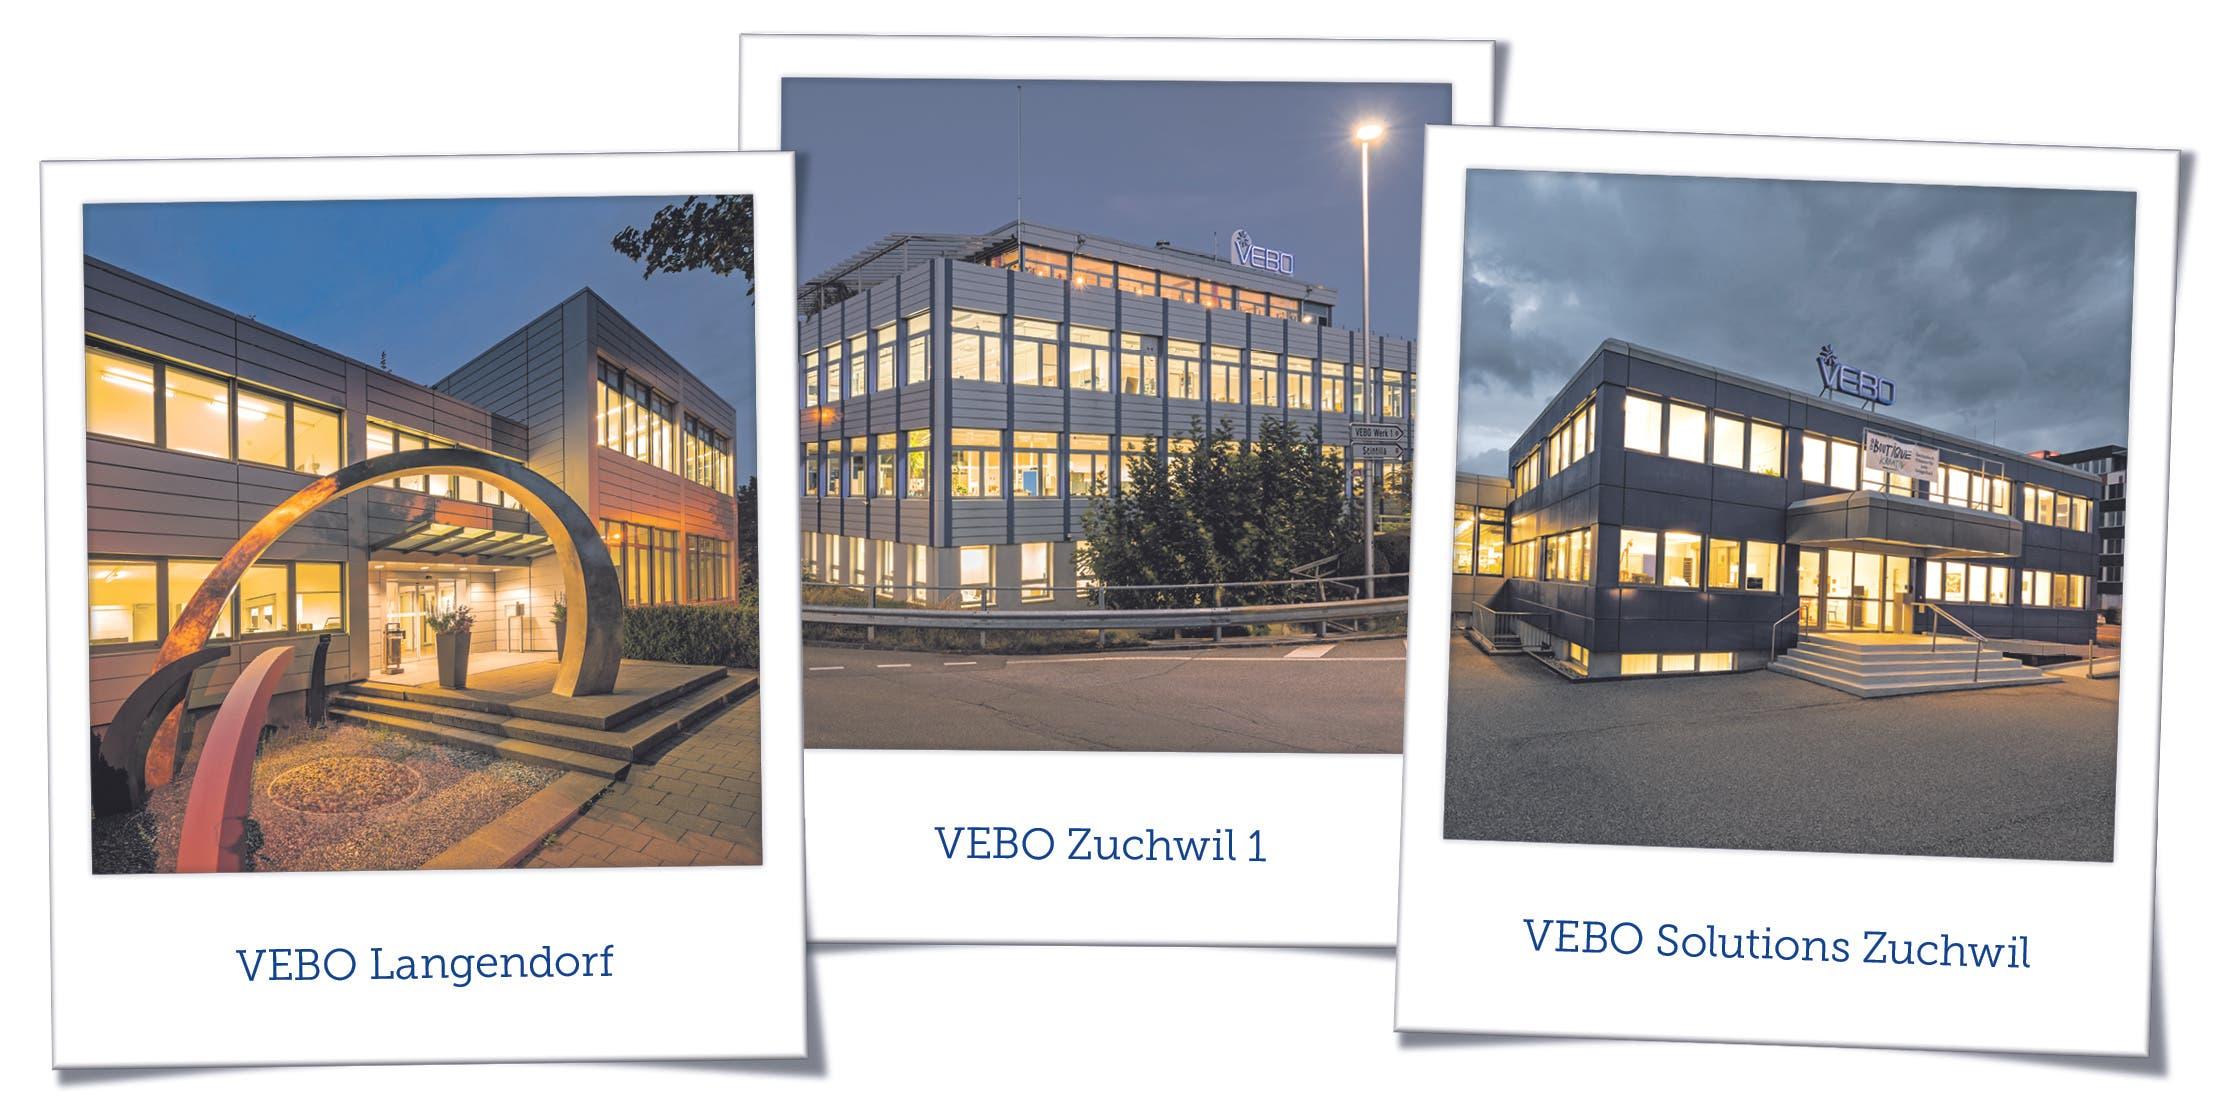 Die drei VEBO Betriebe in der Region Solothurn: Langendorf, Zuchwil 1 und Solutions Zuchwil